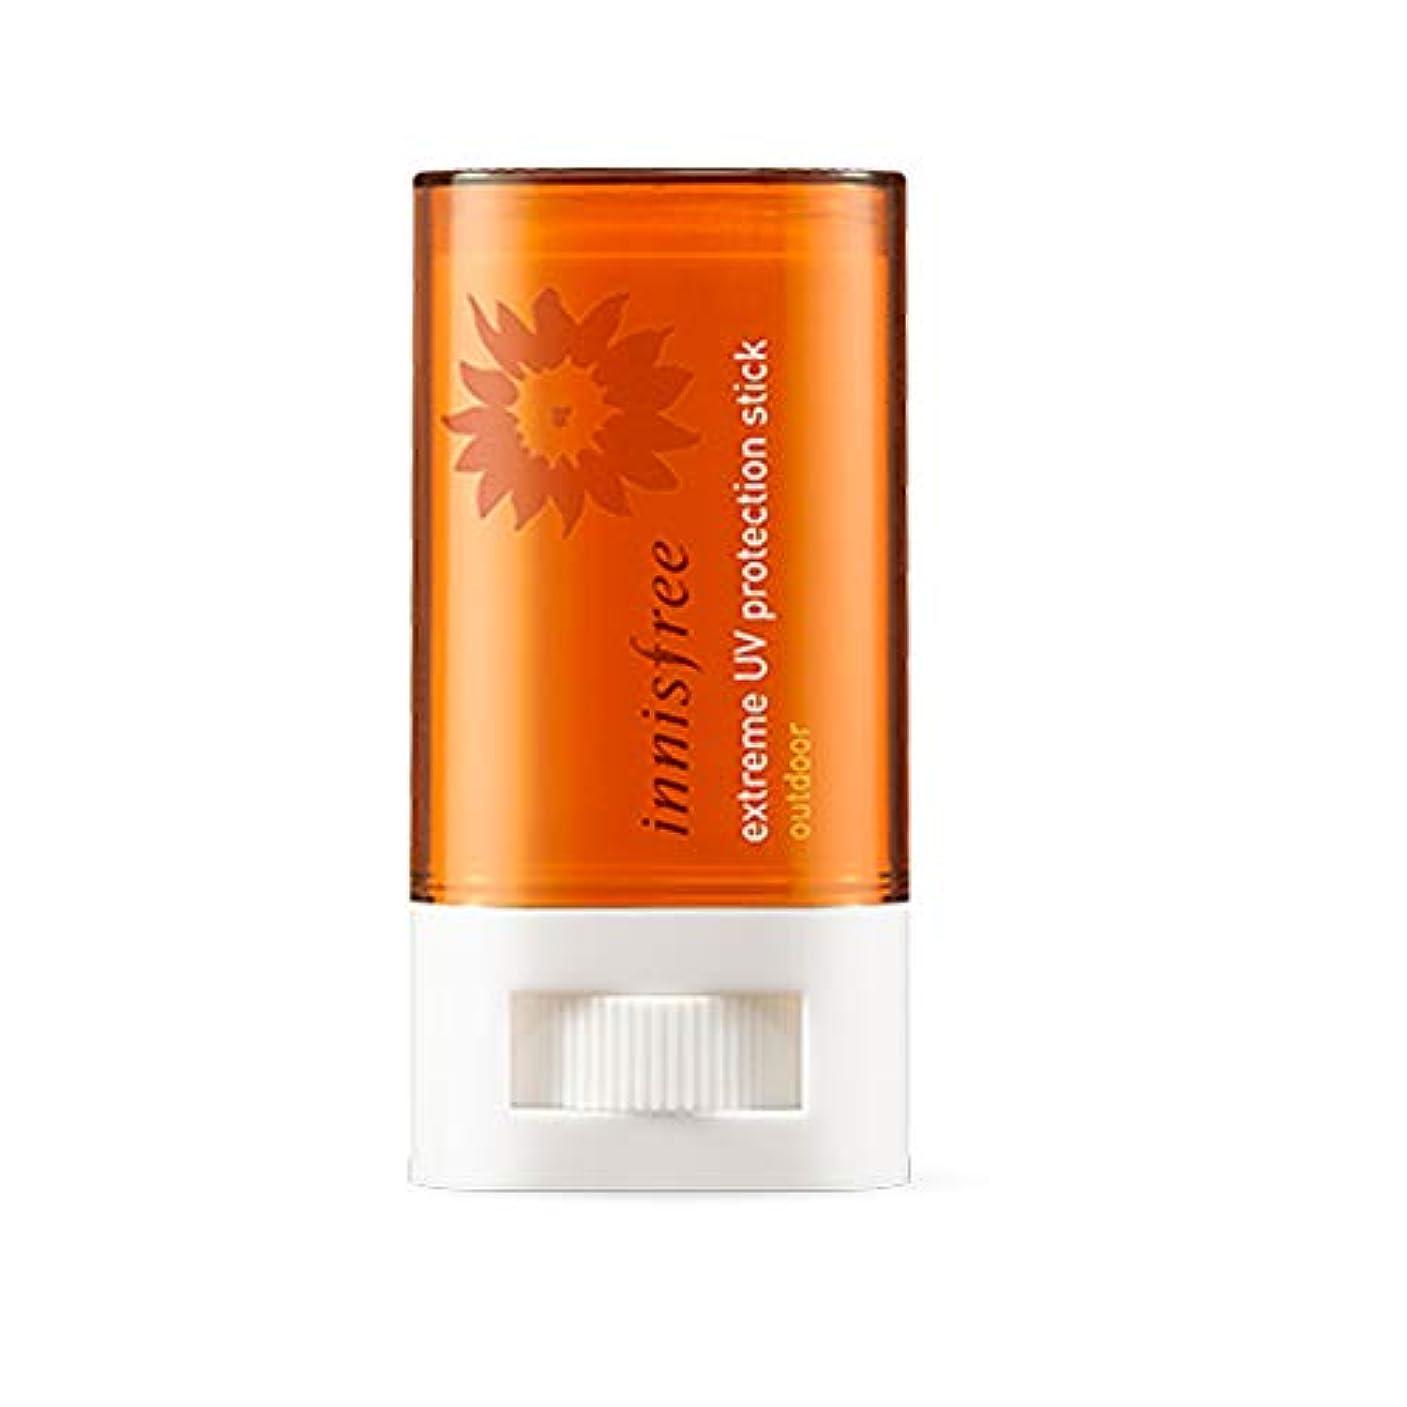 部分的にグッゲンハイム美術館代表団イニスフリーエクストリームUVプロテクションスティックアウトドアSPF50 + PA ++++ 19g Innisfree Extreme UV Protection Stick Outdoor SPF50 + PA +...